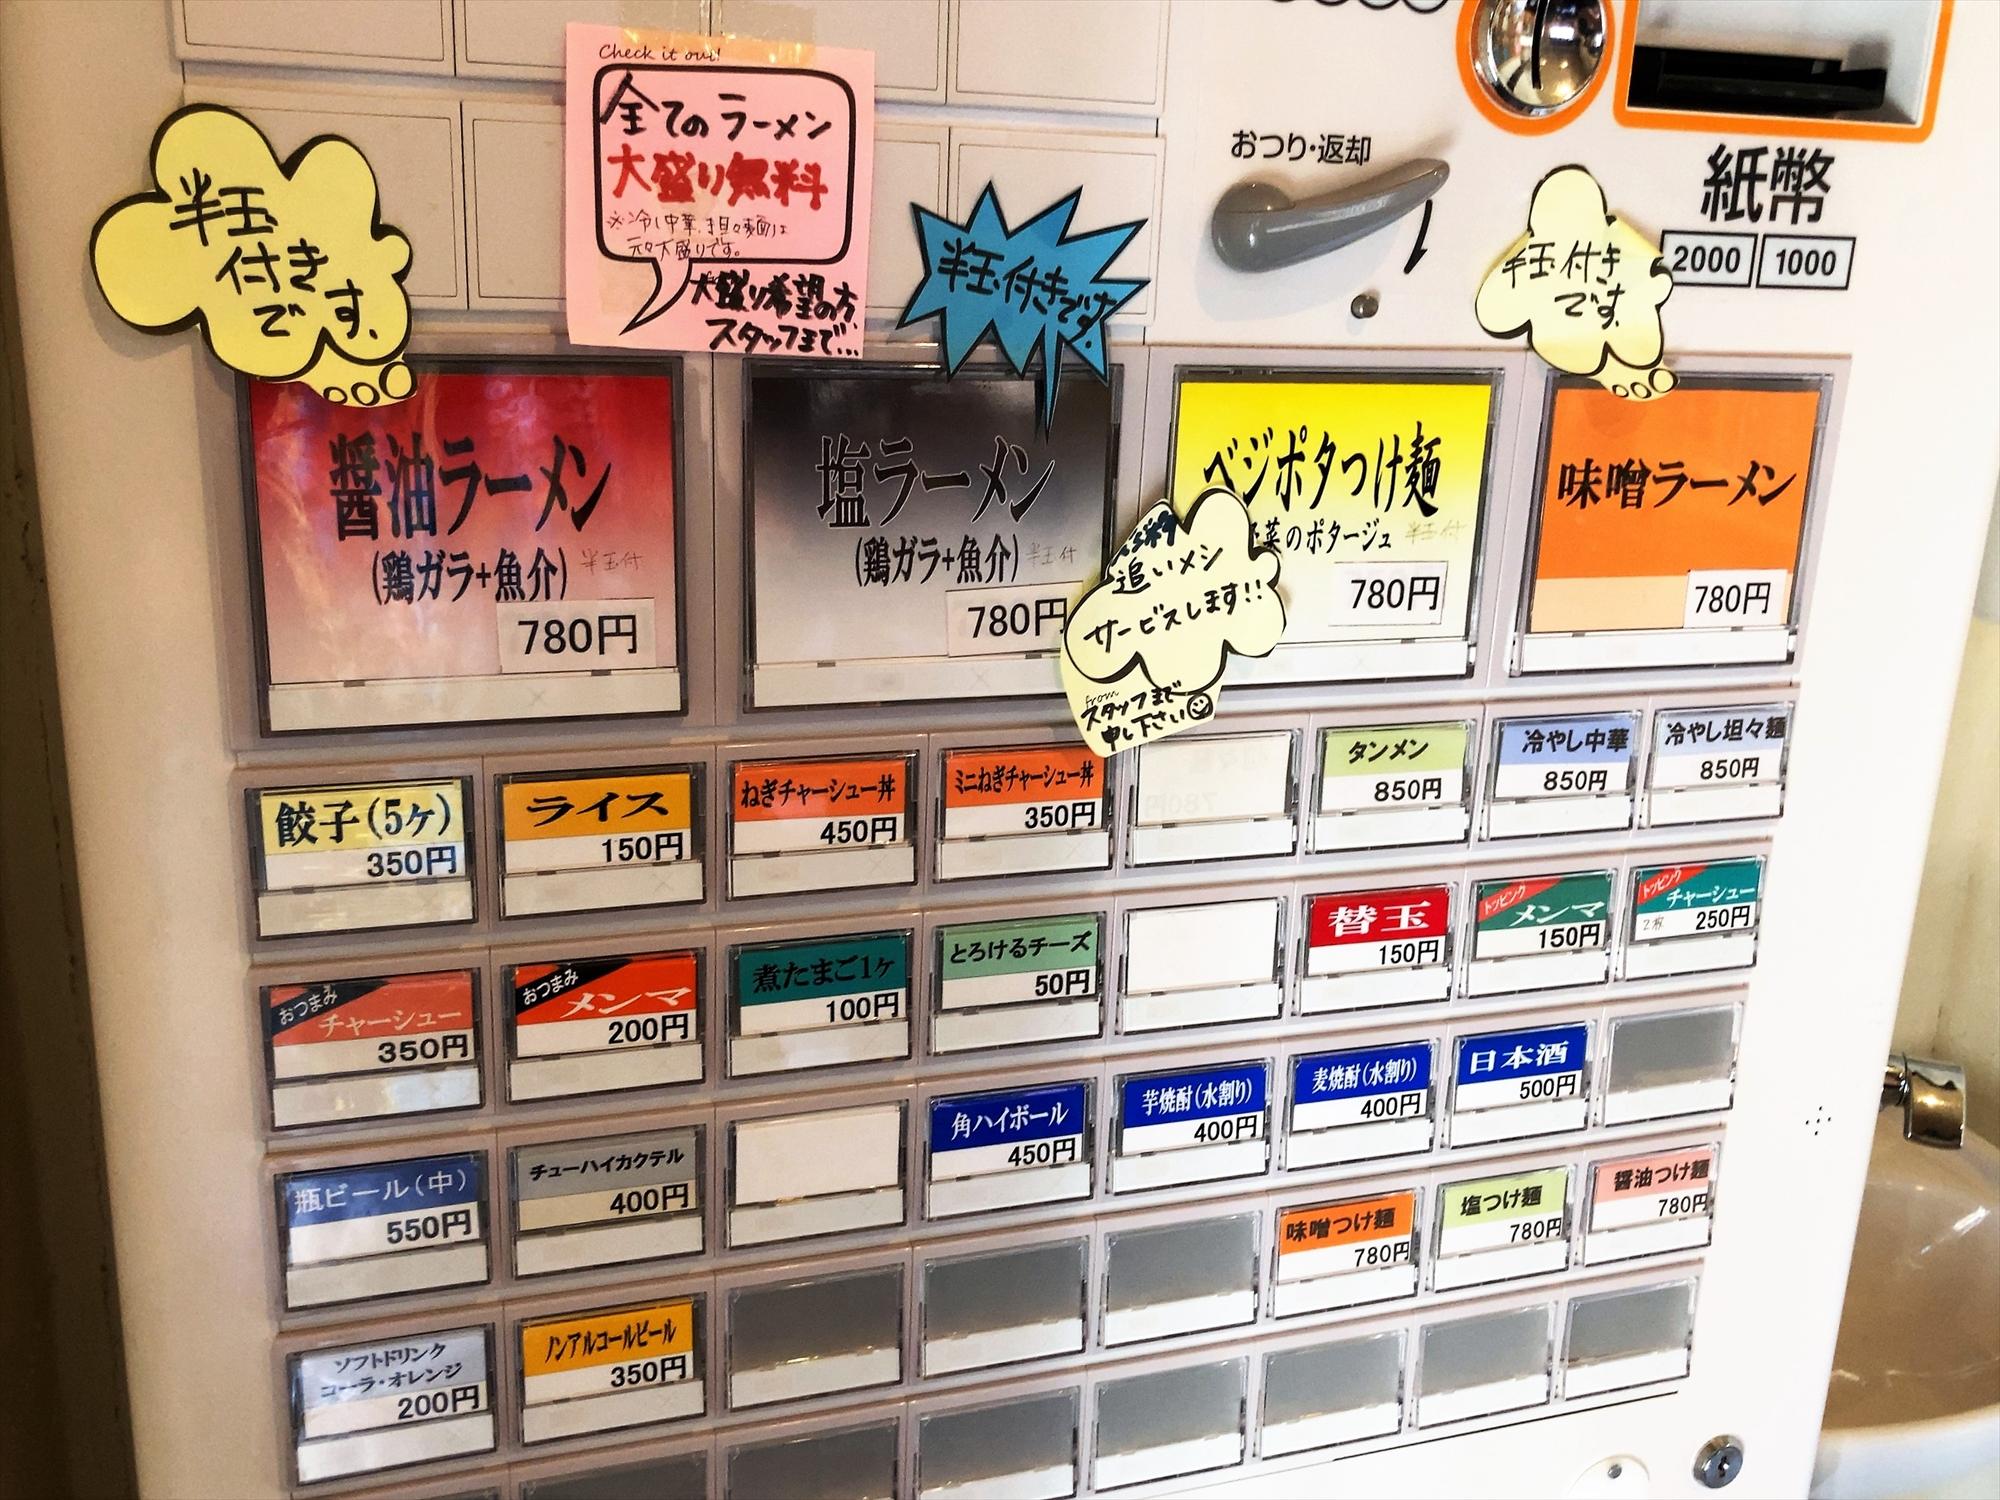 麺屋 たいちゃんの券売機